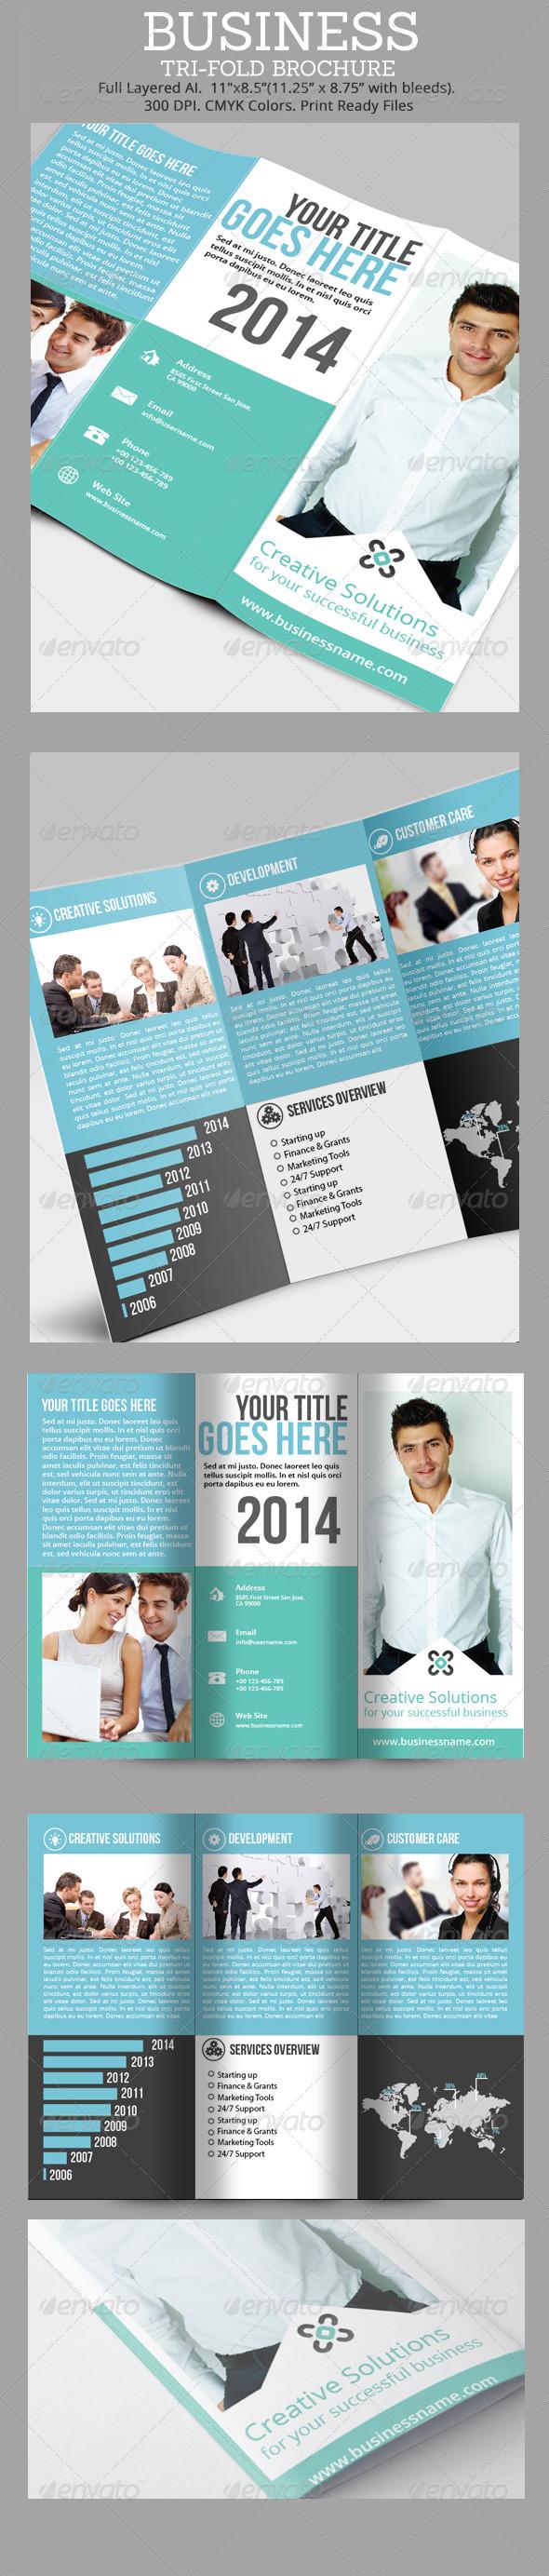 Simple Business Tri-Fold Brochure  - Corporate Brochures